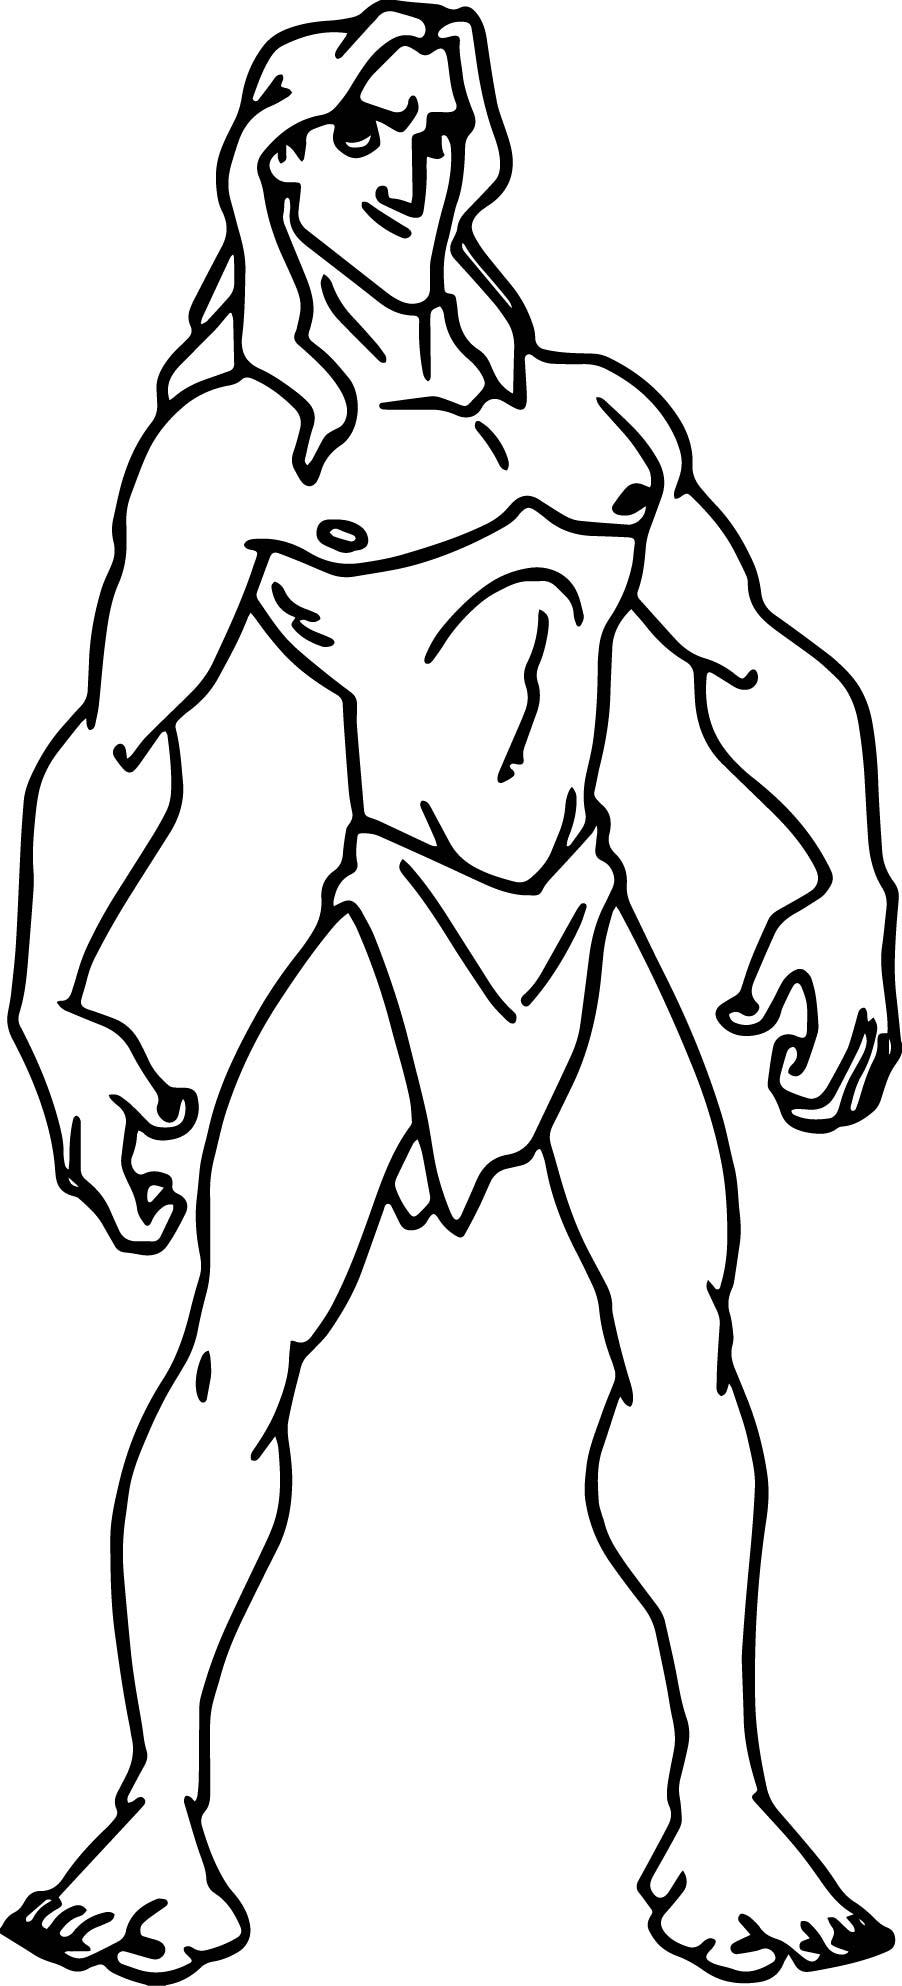 Tarzan 2 coloring pages